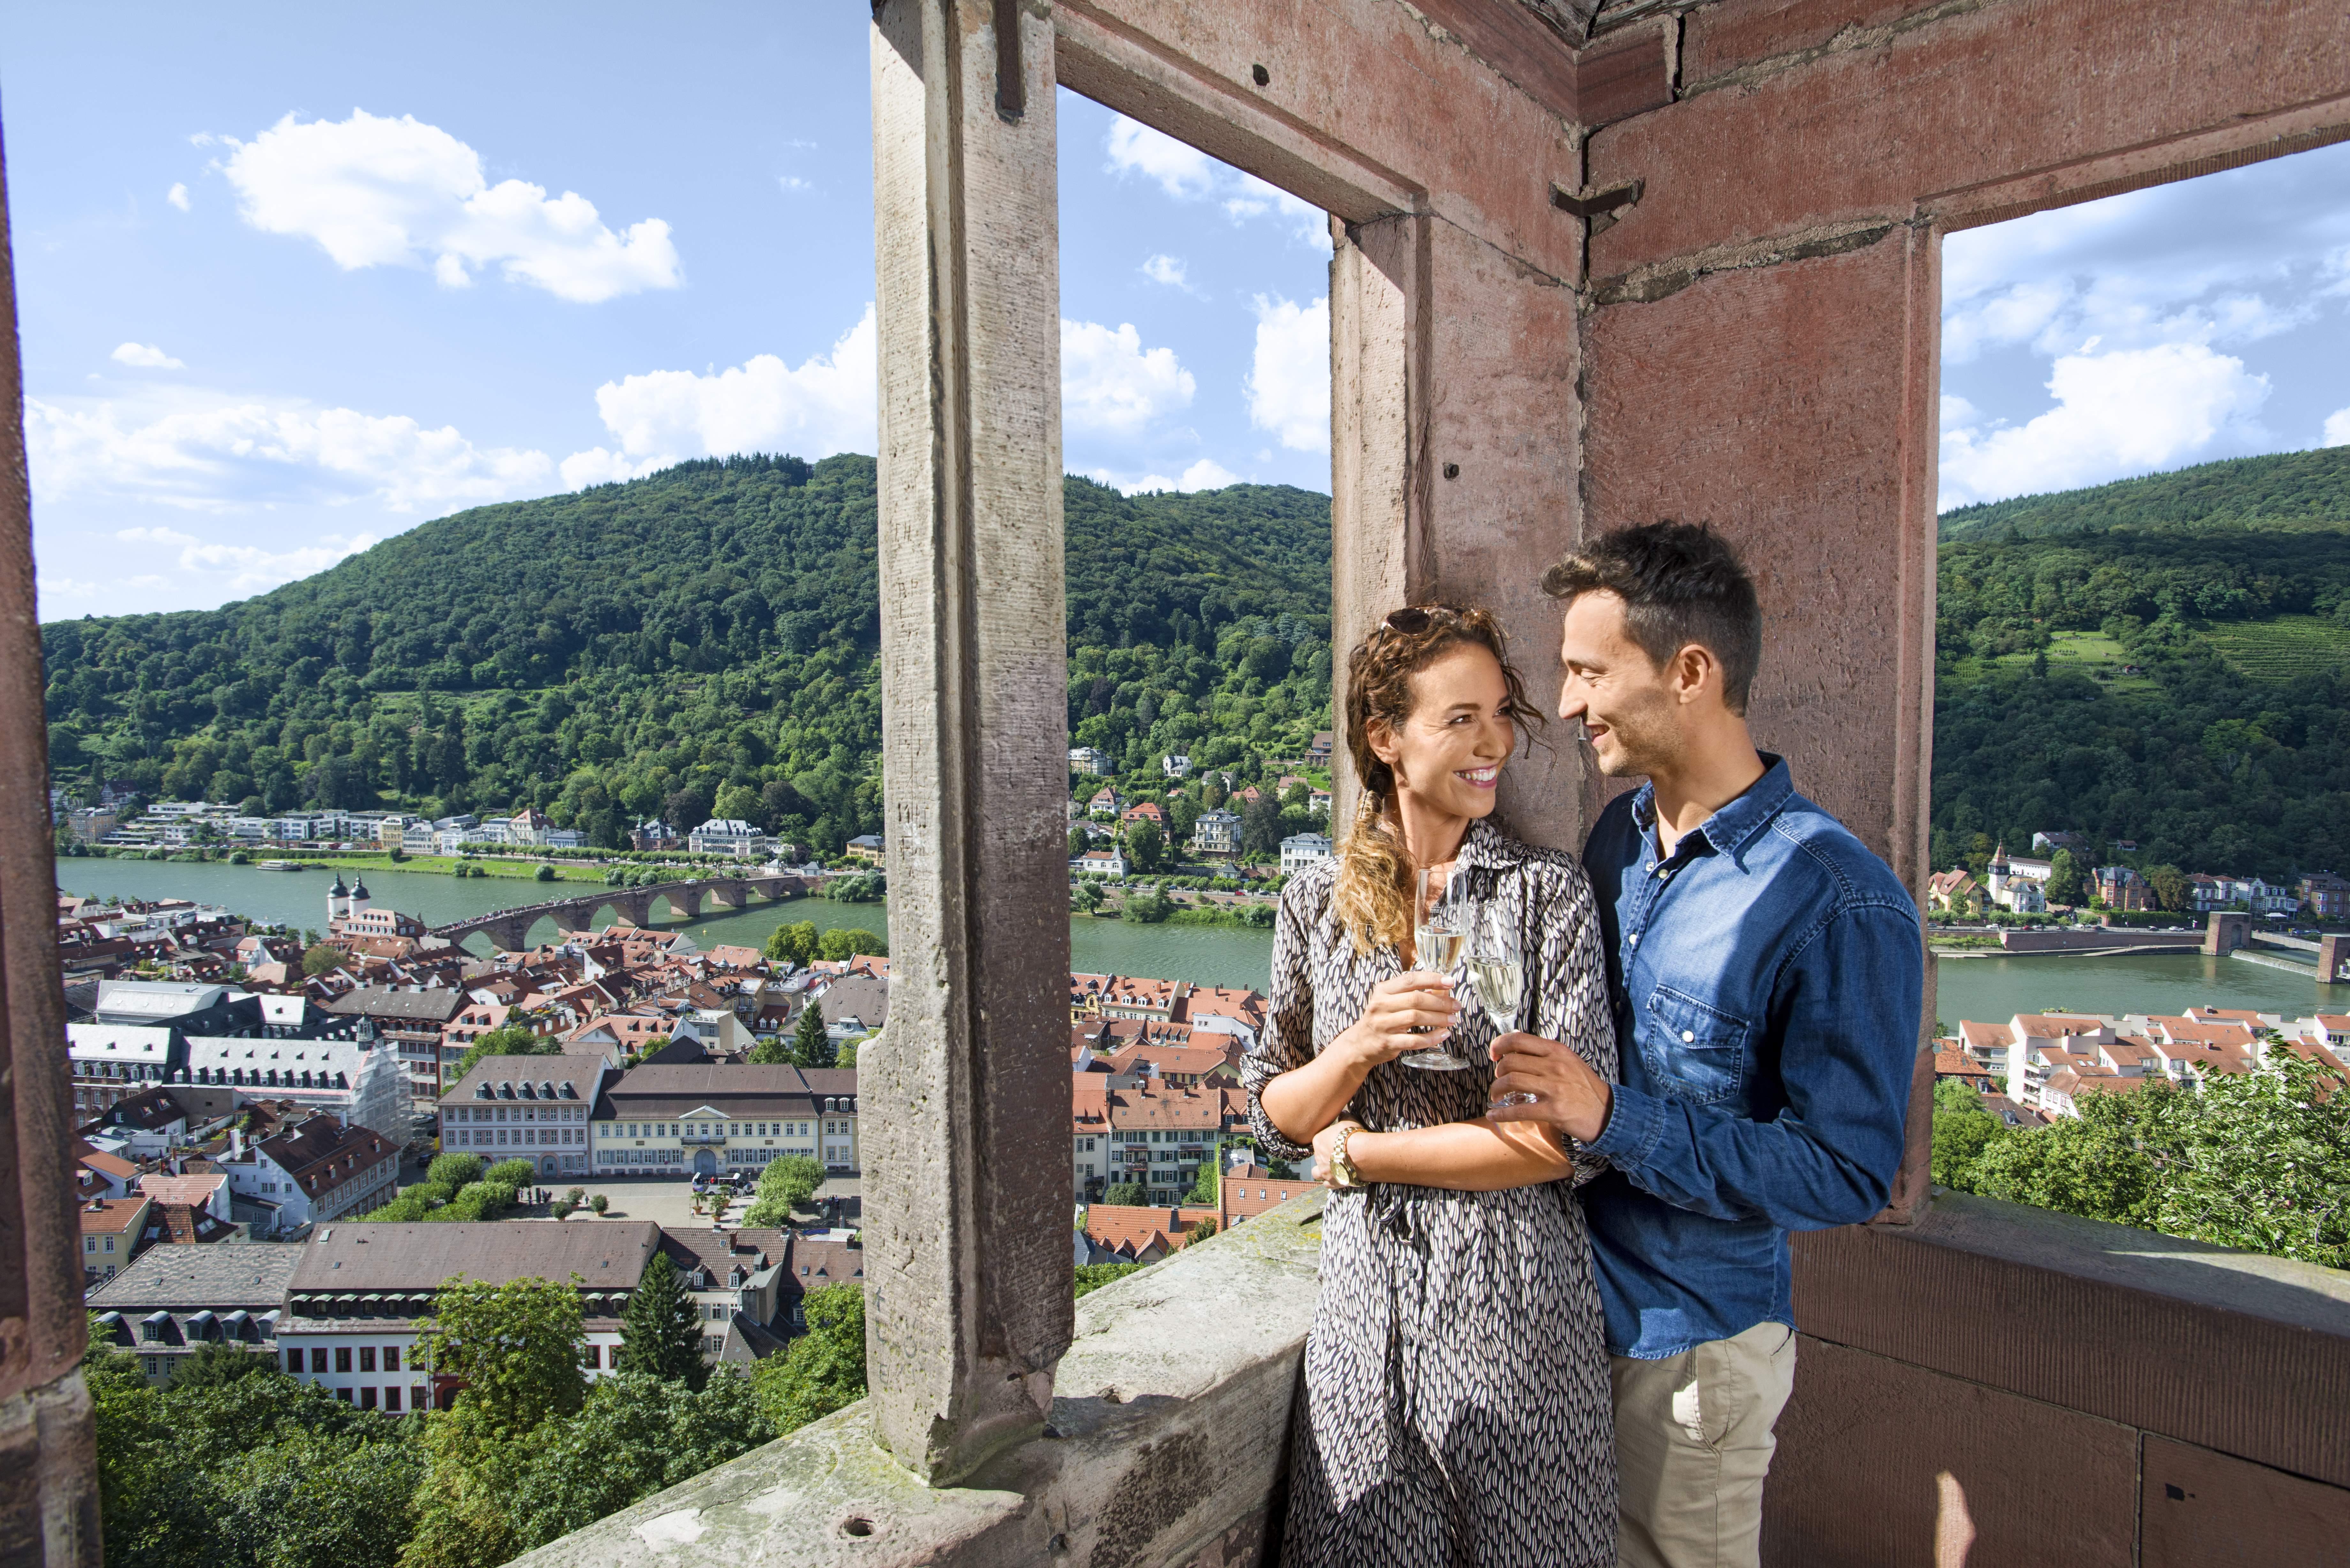 Besucher von Schloss Heidelberg; Foto: Staatliche Schlösser und Gärten Baden-Württemberg, Niels Schubert